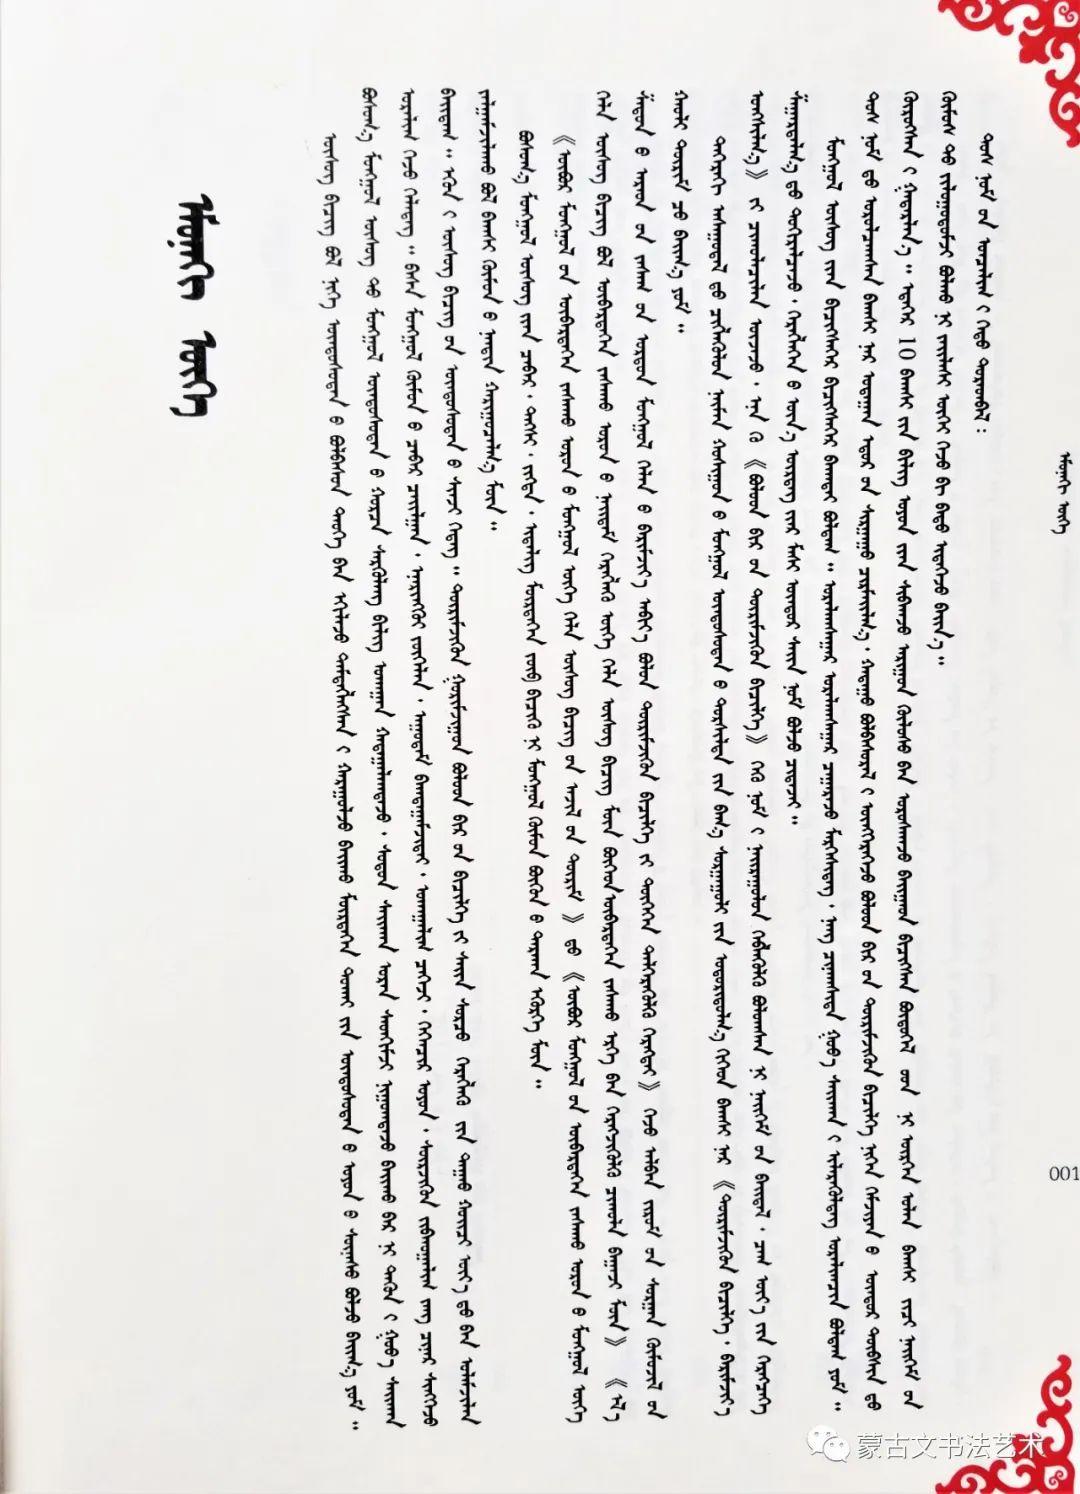 奈曼旗蒙古族实验小学十人《蒙古文钢笔规范字》 第4张 奈曼旗蒙古族实验小学十人《蒙古文钢笔规范字》 蒙古书法